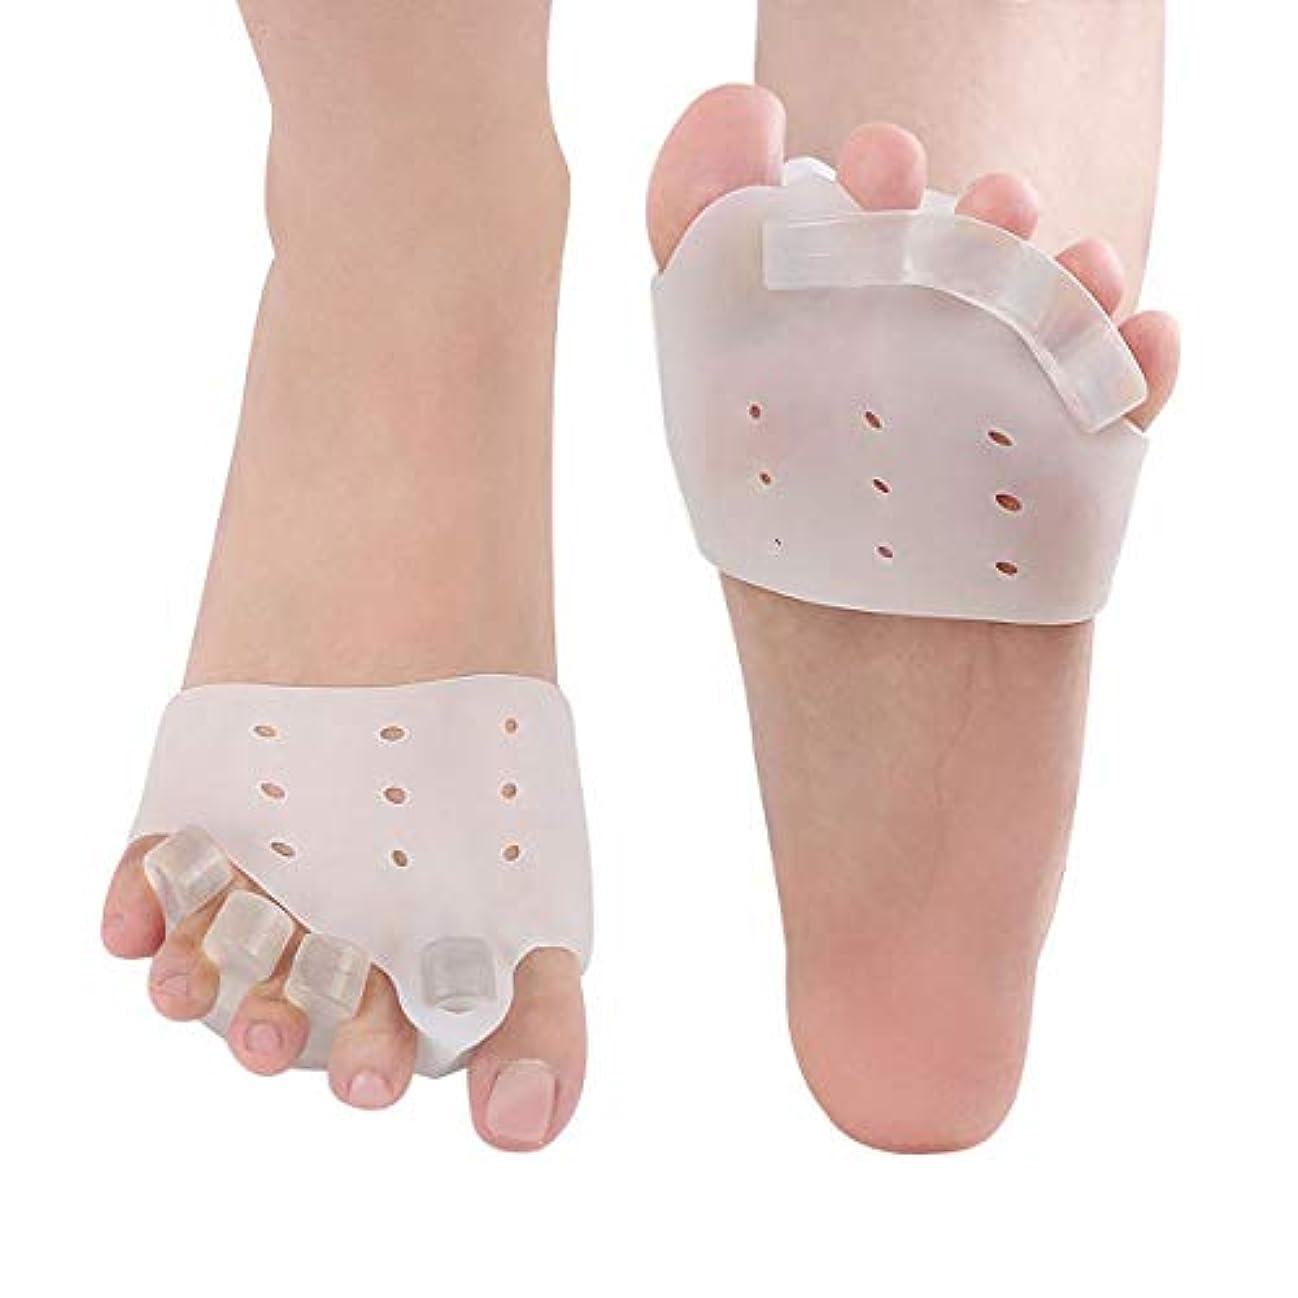 動かない南東指定足指パッド セパレーター 矯正 足指を広げる 外反母趾矯正 内反小趾 サポーター 足指矯正パッド 足指分離 足指 シリコンパッド 足用保護パッド 足の痛みを軽減 男女兼用 左右兼用 (左右セット)